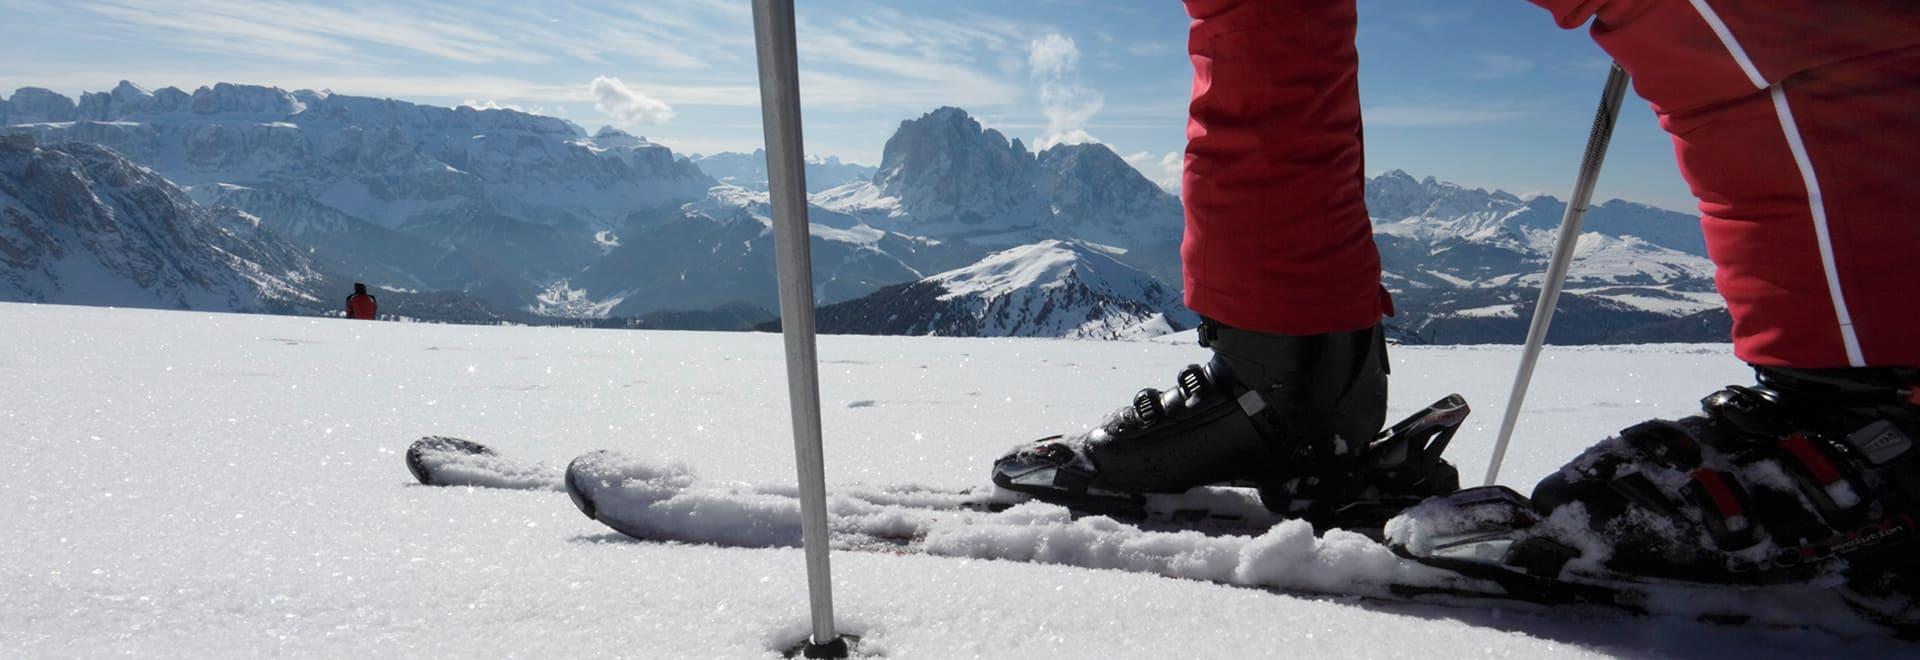 Antermejes Chalet | Ferienwohnungen in Santa Cristina | Winter